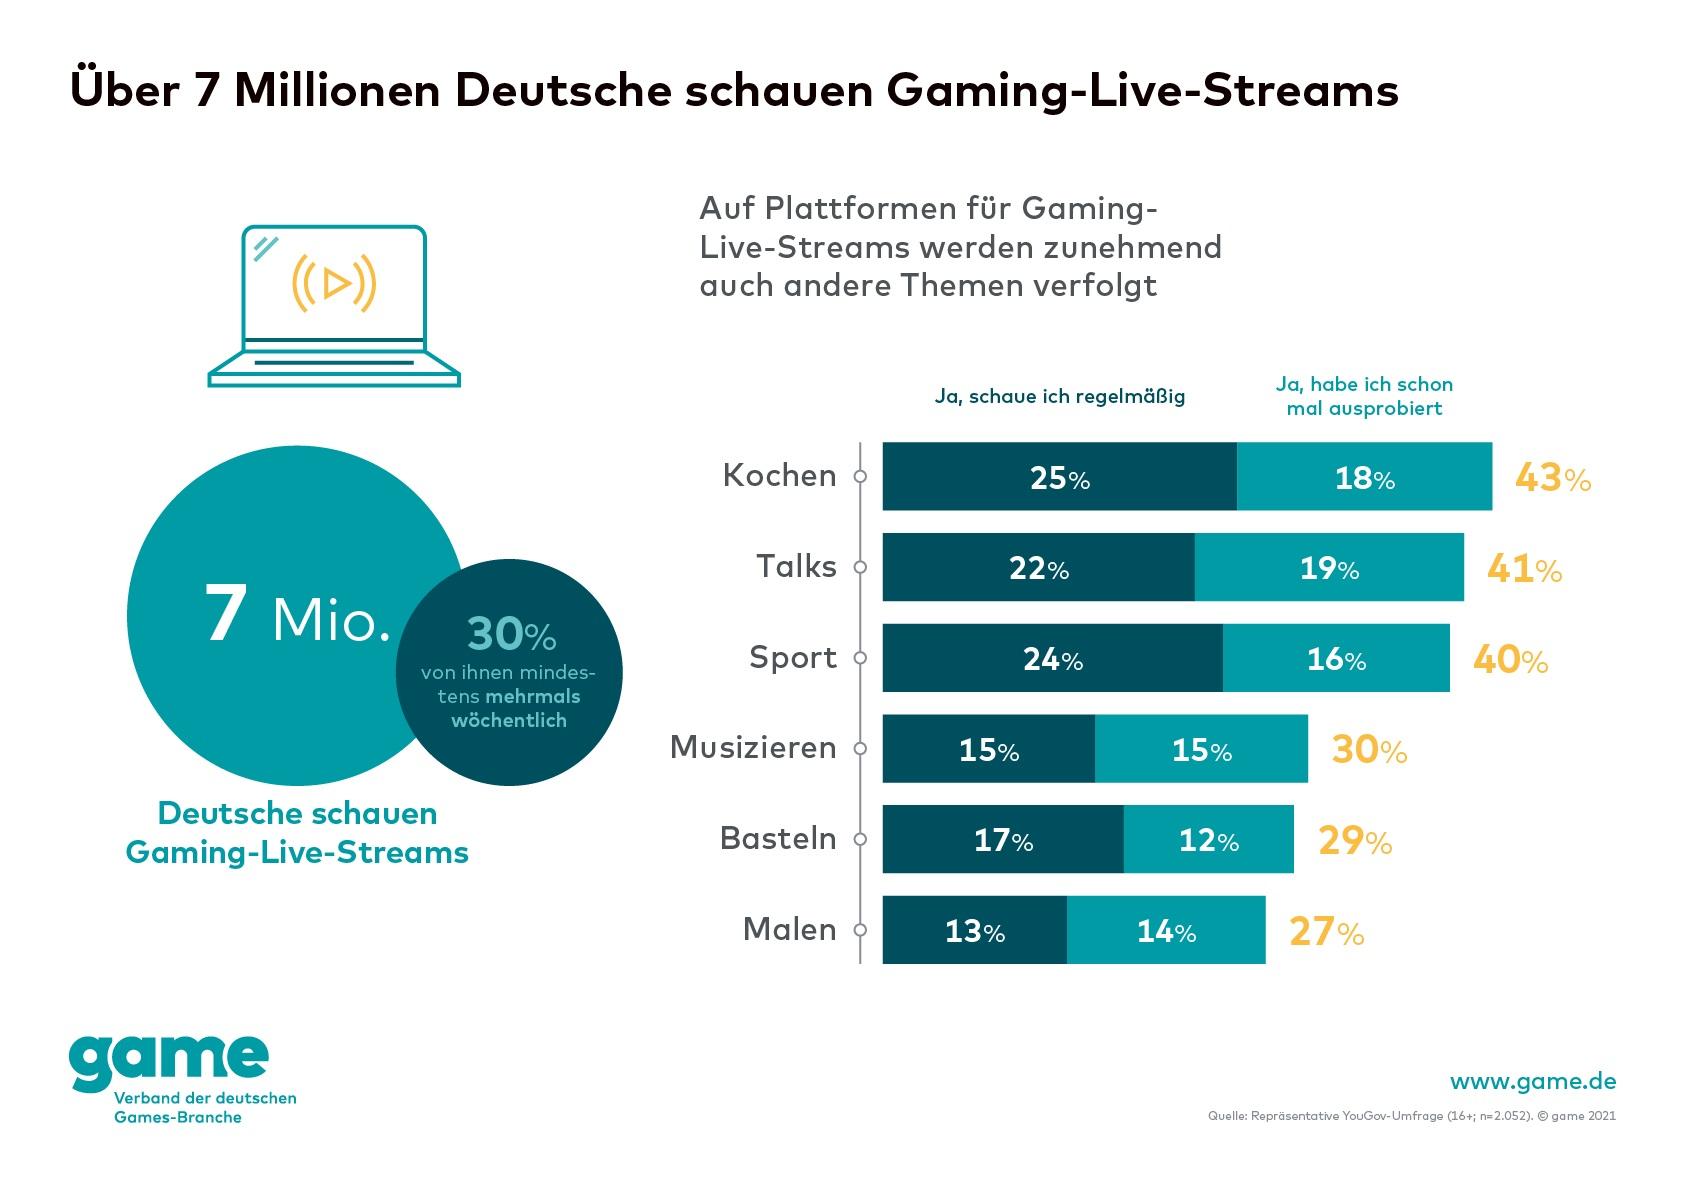 Über 7 Millionen Deutsche schauen Gaming-Live-Streams